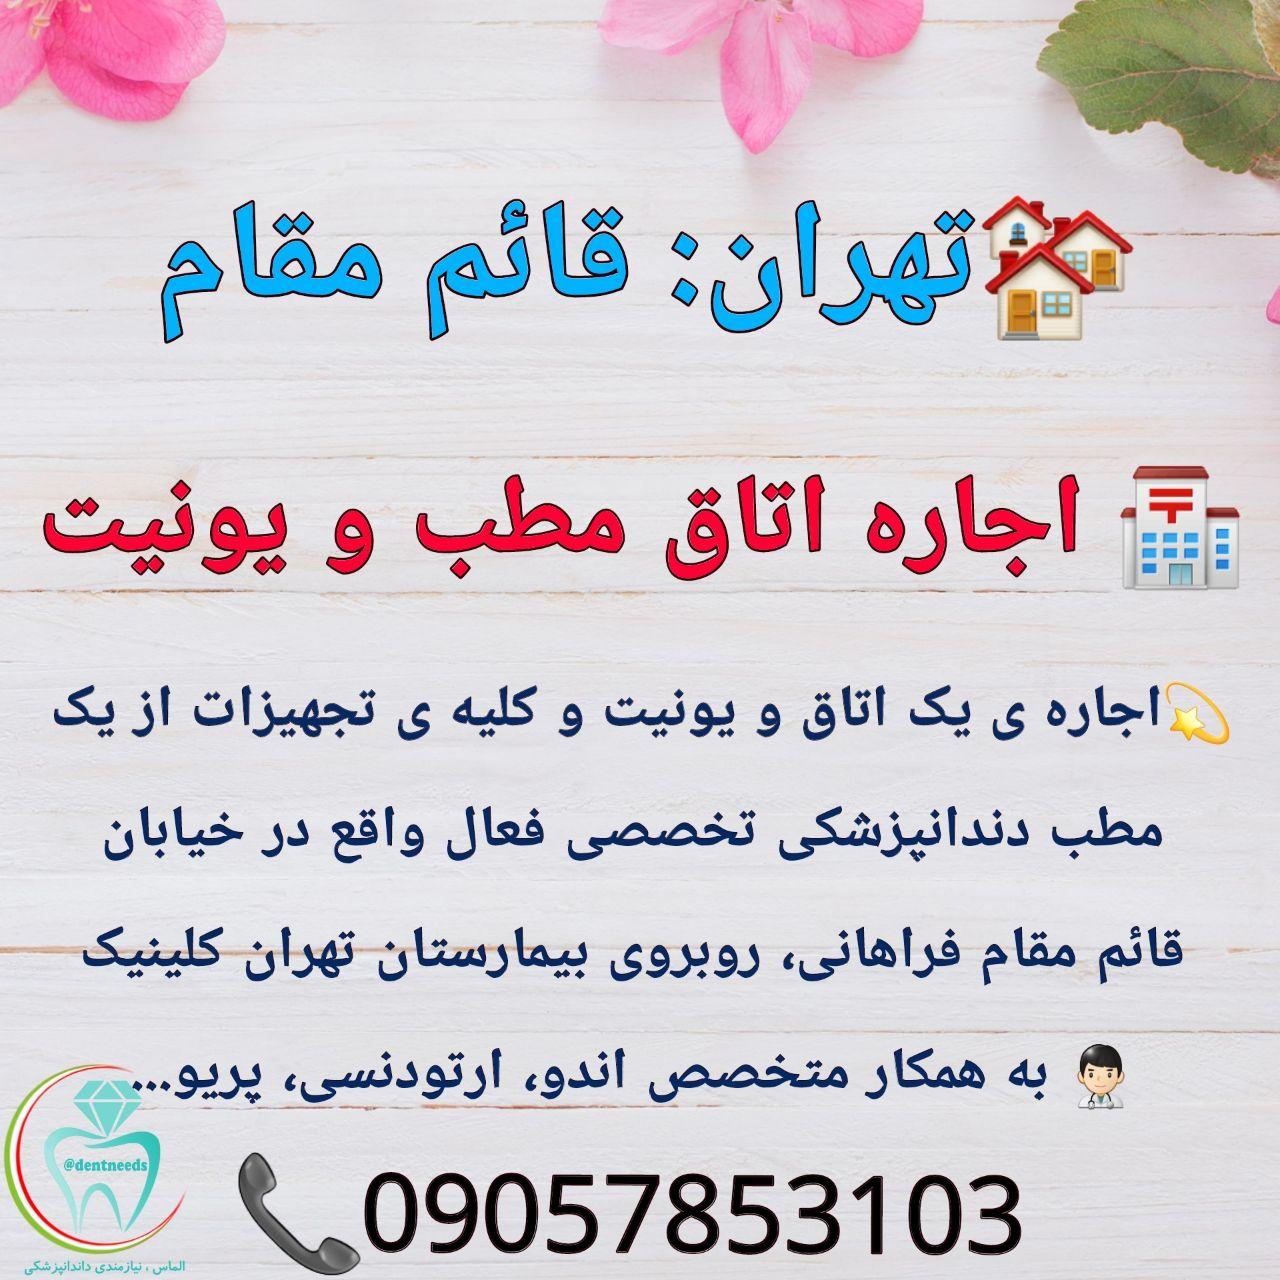 تهران: قائم مقام، اجاره اتاق مطب و یونیت